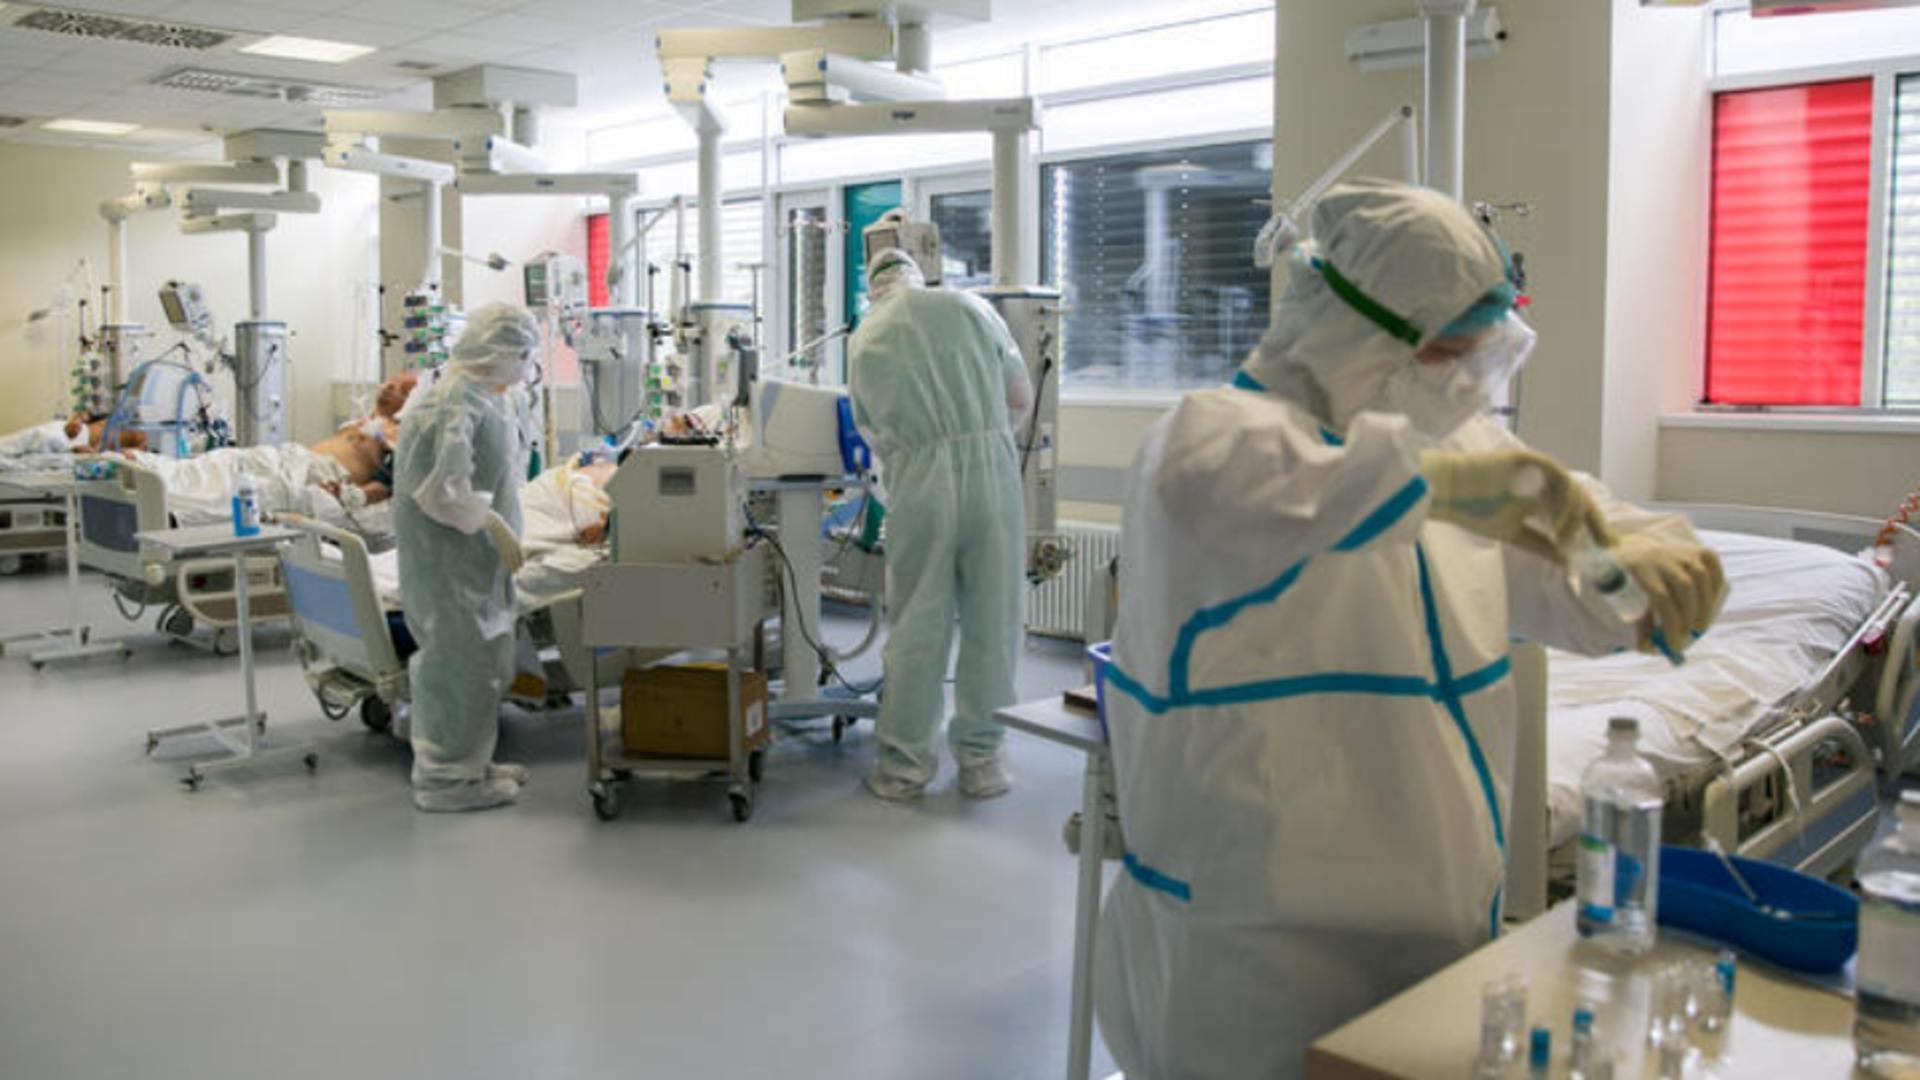 Primii 5 pacienți COVID-19 ajung marți noapte la Spitalul mobil de la Lețcani